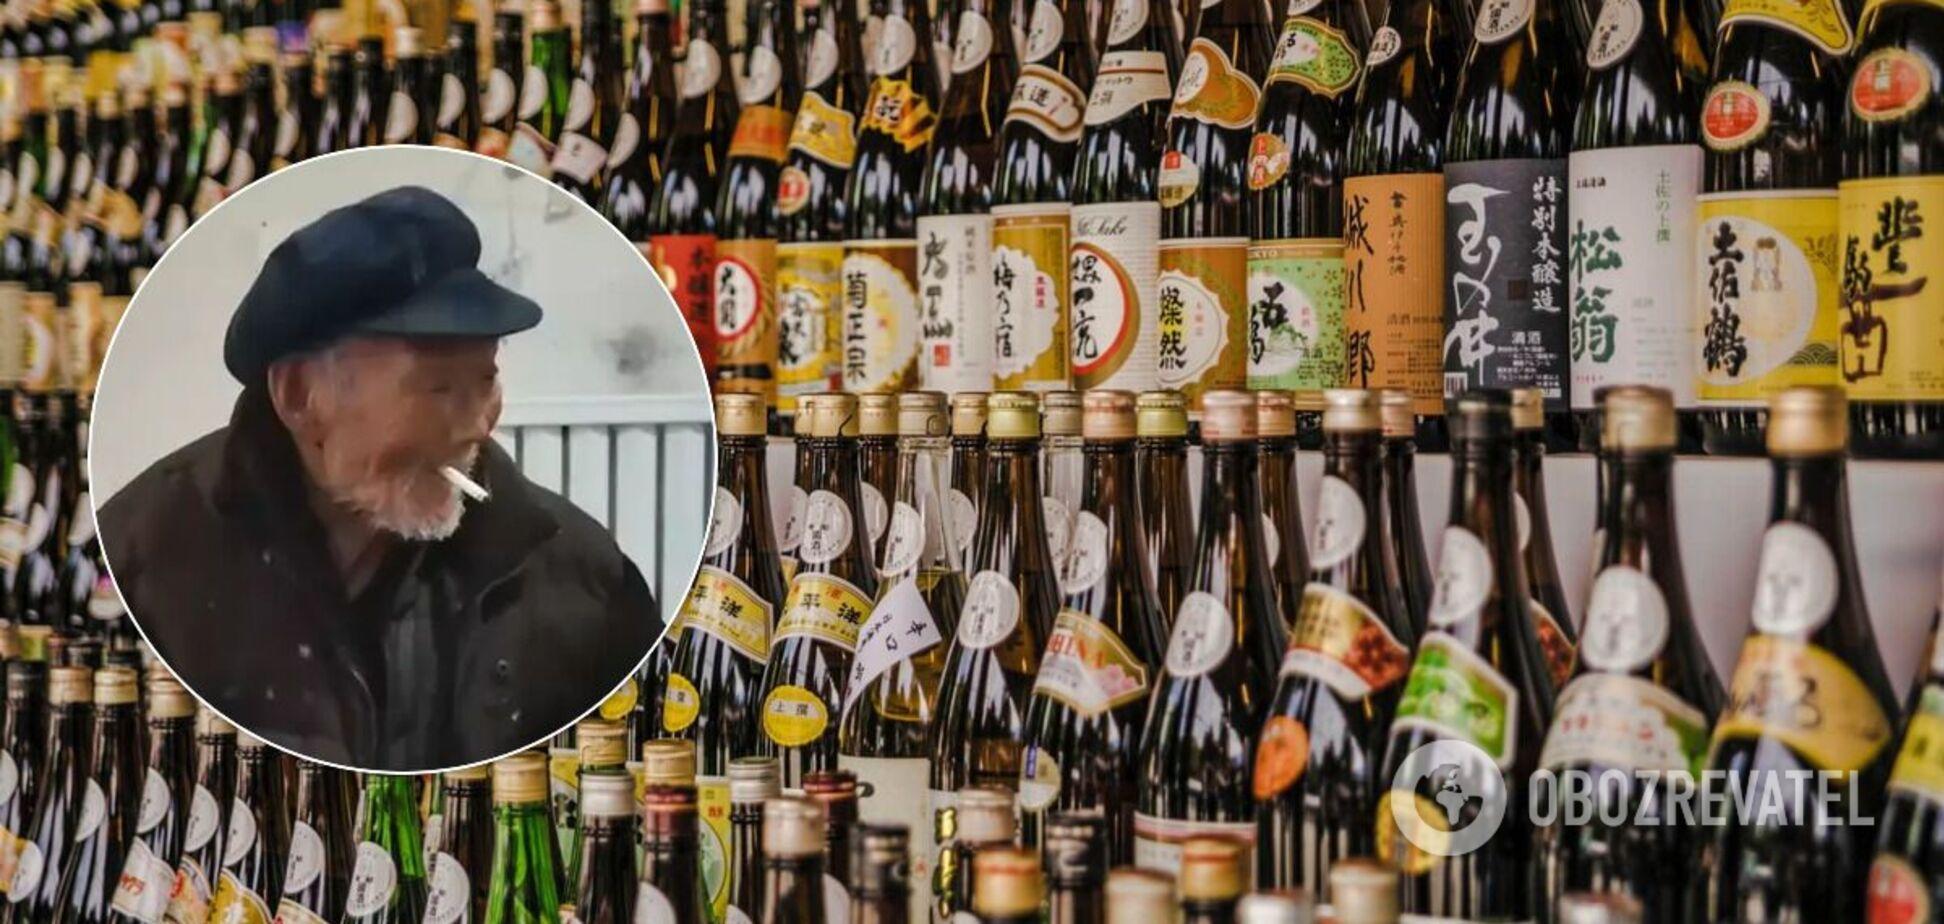 Чжан Кэминь называет алкоголь и табак самой большой страстью своей жизни